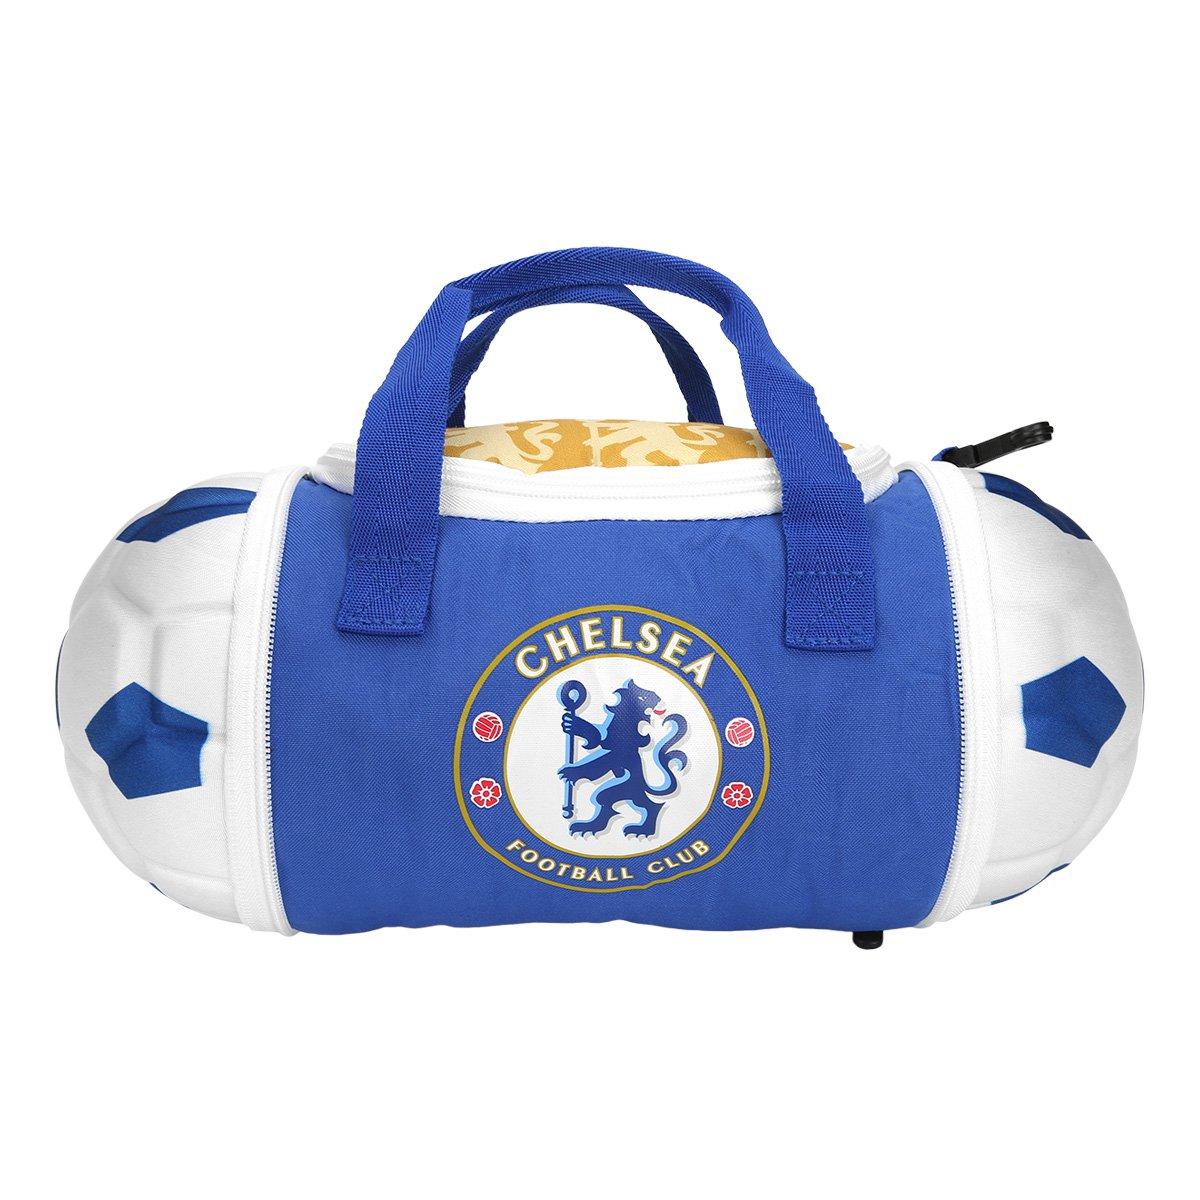 a8f9358863 Lancheira Térmica Chelsea Bola - Compre Agora